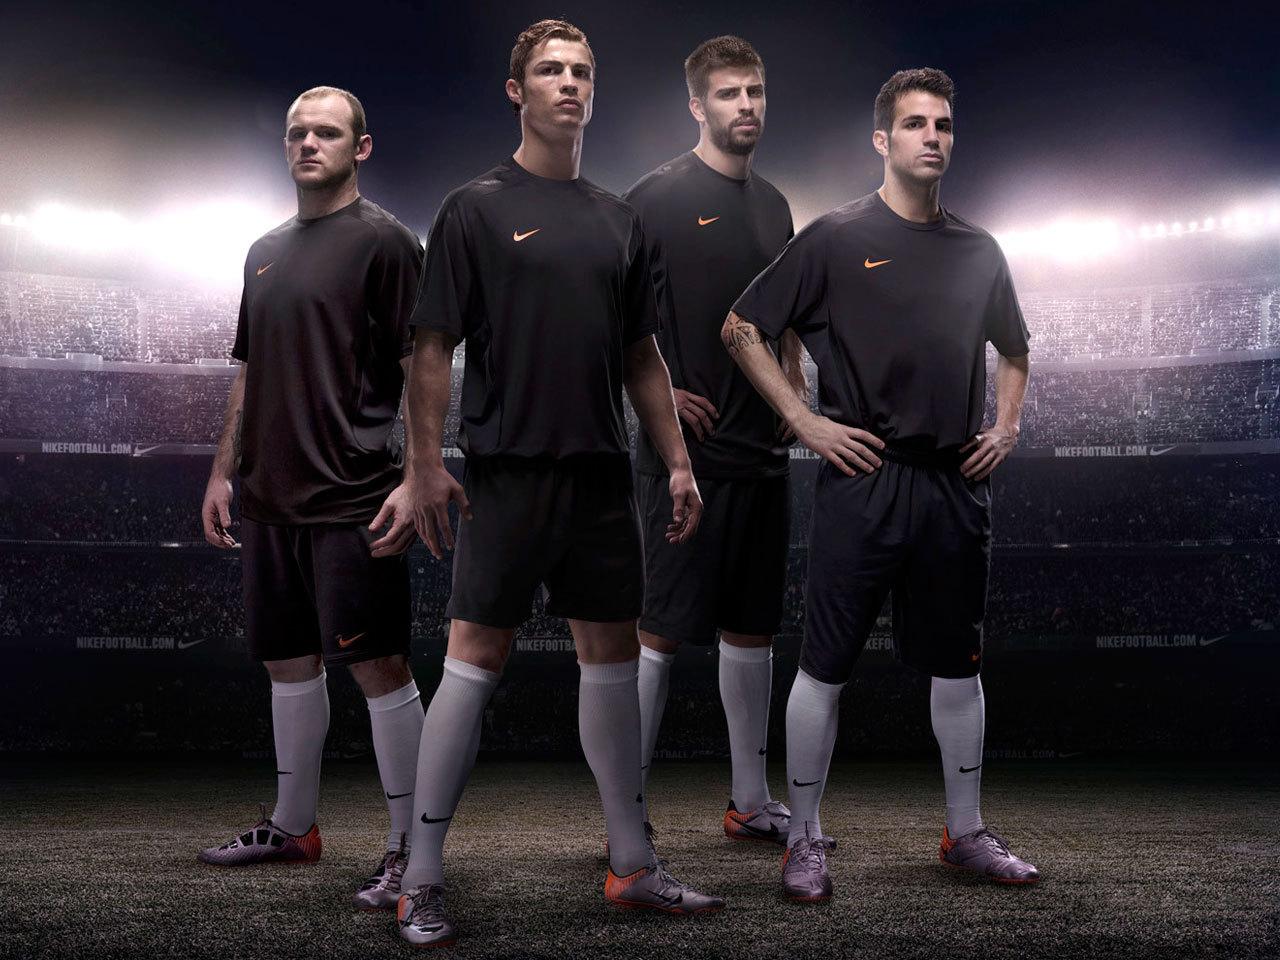 Nike Football Wallpaper wallpaper Nike Football Wallpaper hd 1280x960